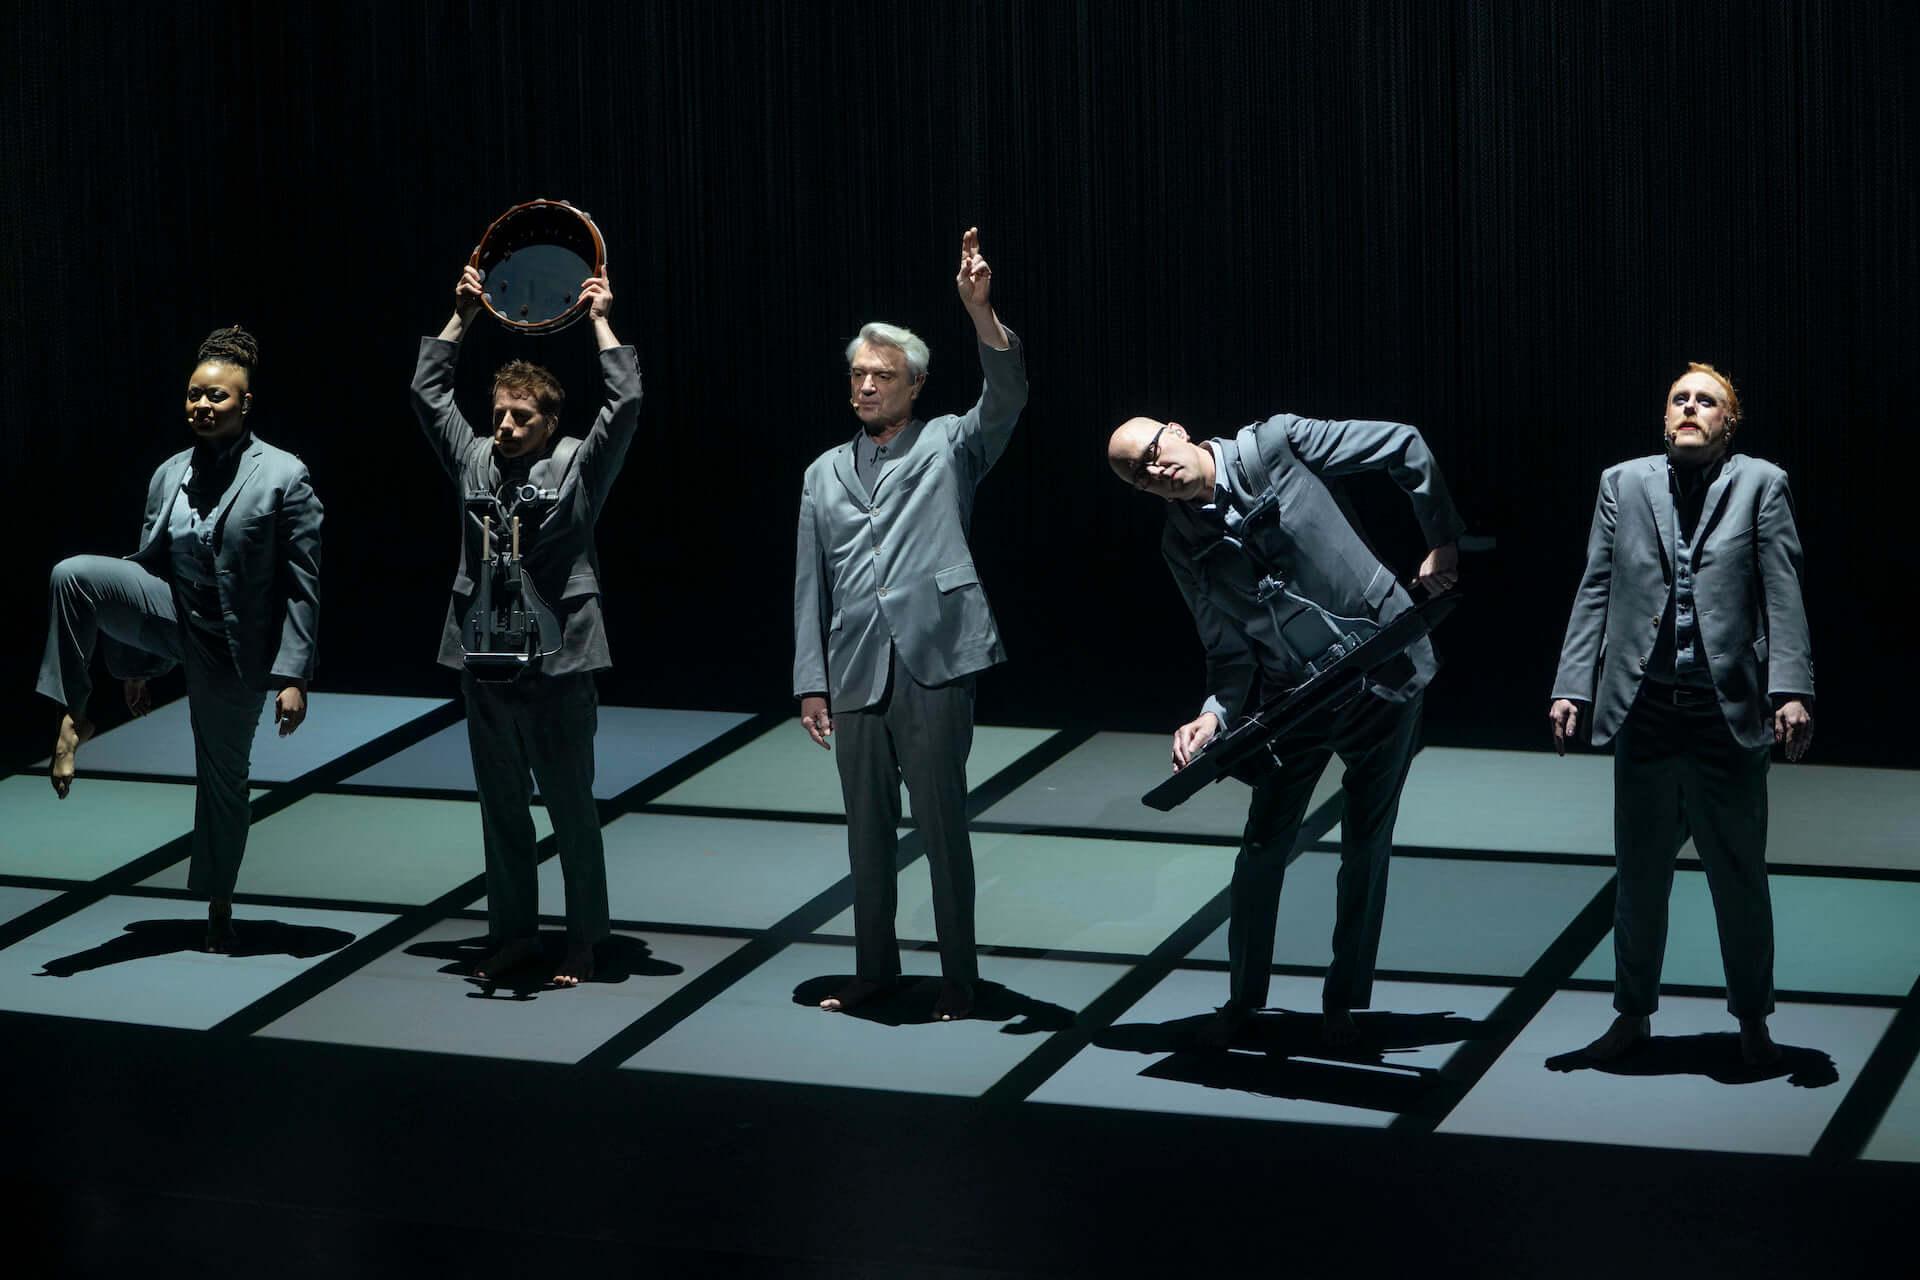 スパイク・リー、ハーモニー・コリンの新作など音楽作品満載の5月。劇場で観たい映画5選